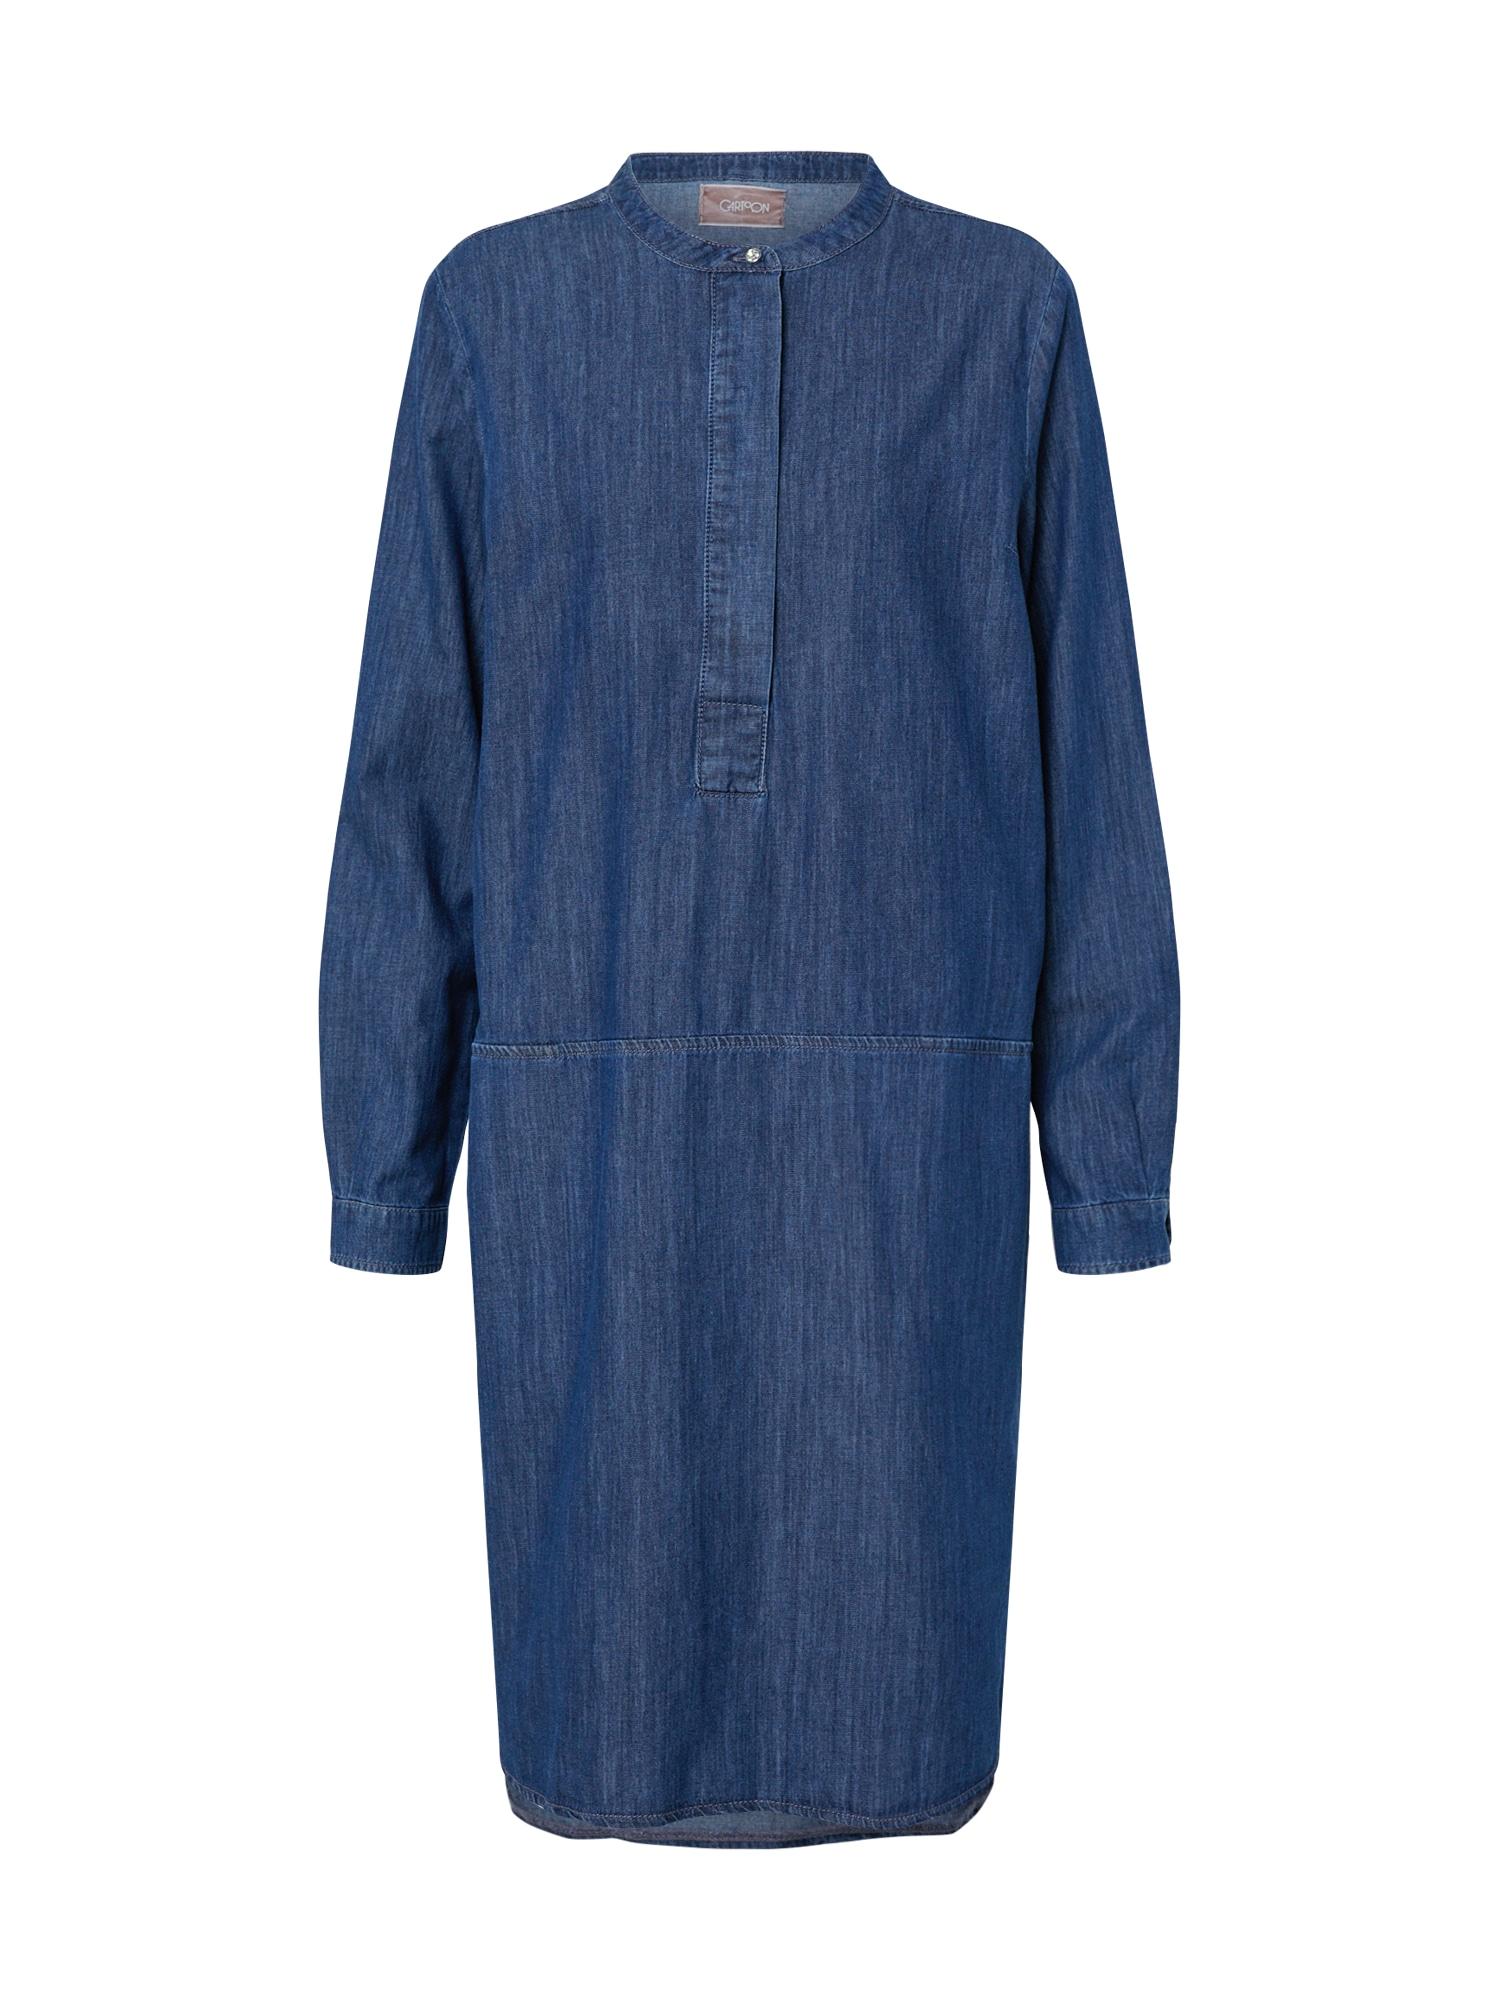 Cartoon Suknelė tamsiai (džinso) mėlyna